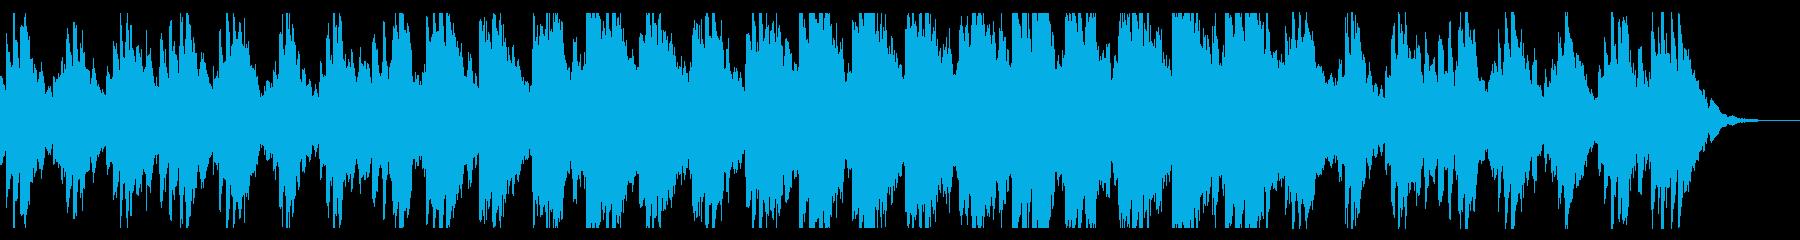 ヒーリング系ジングルの再生済みの波形